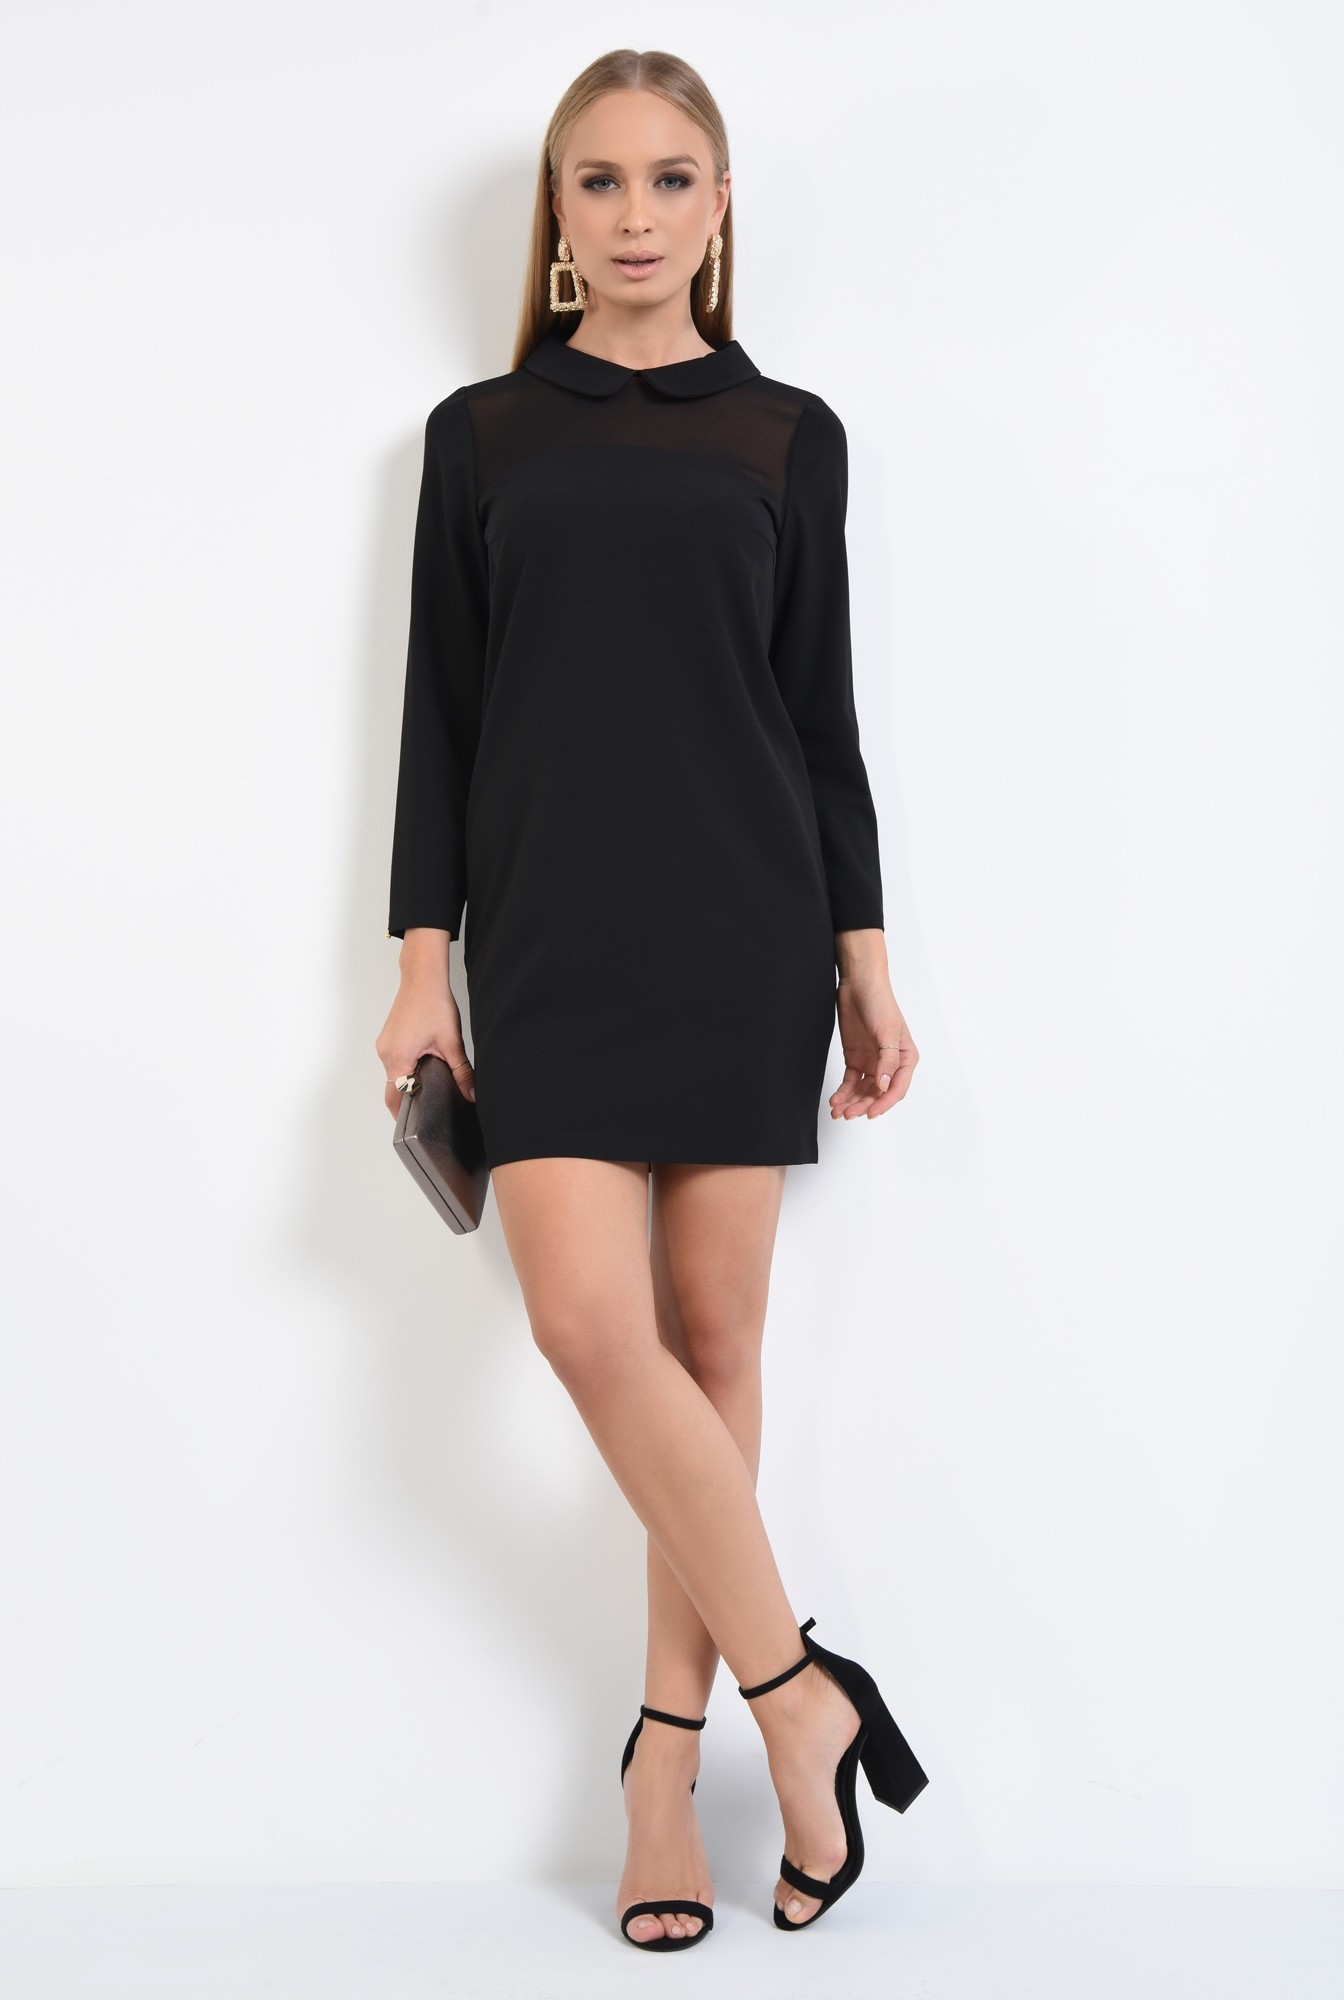 3 - rochie eleganta, croi drept, amneci lungi, insertie transparenta